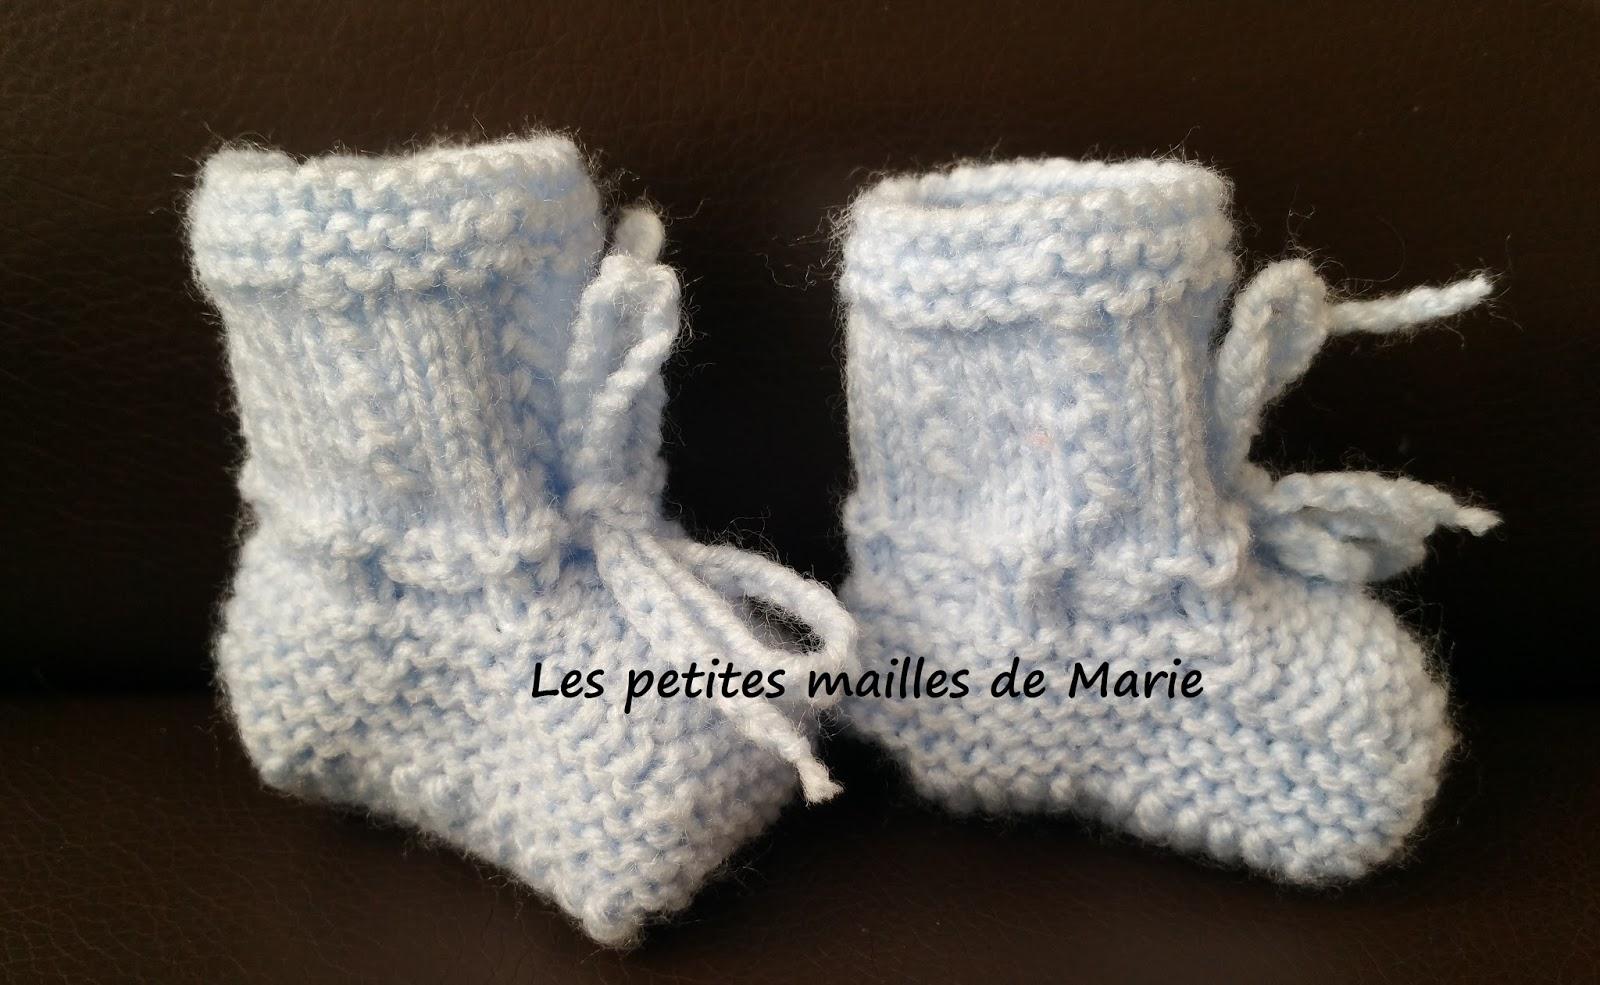 Les petites mailles de marie chaussons pour b b - 3 petites mailles ...